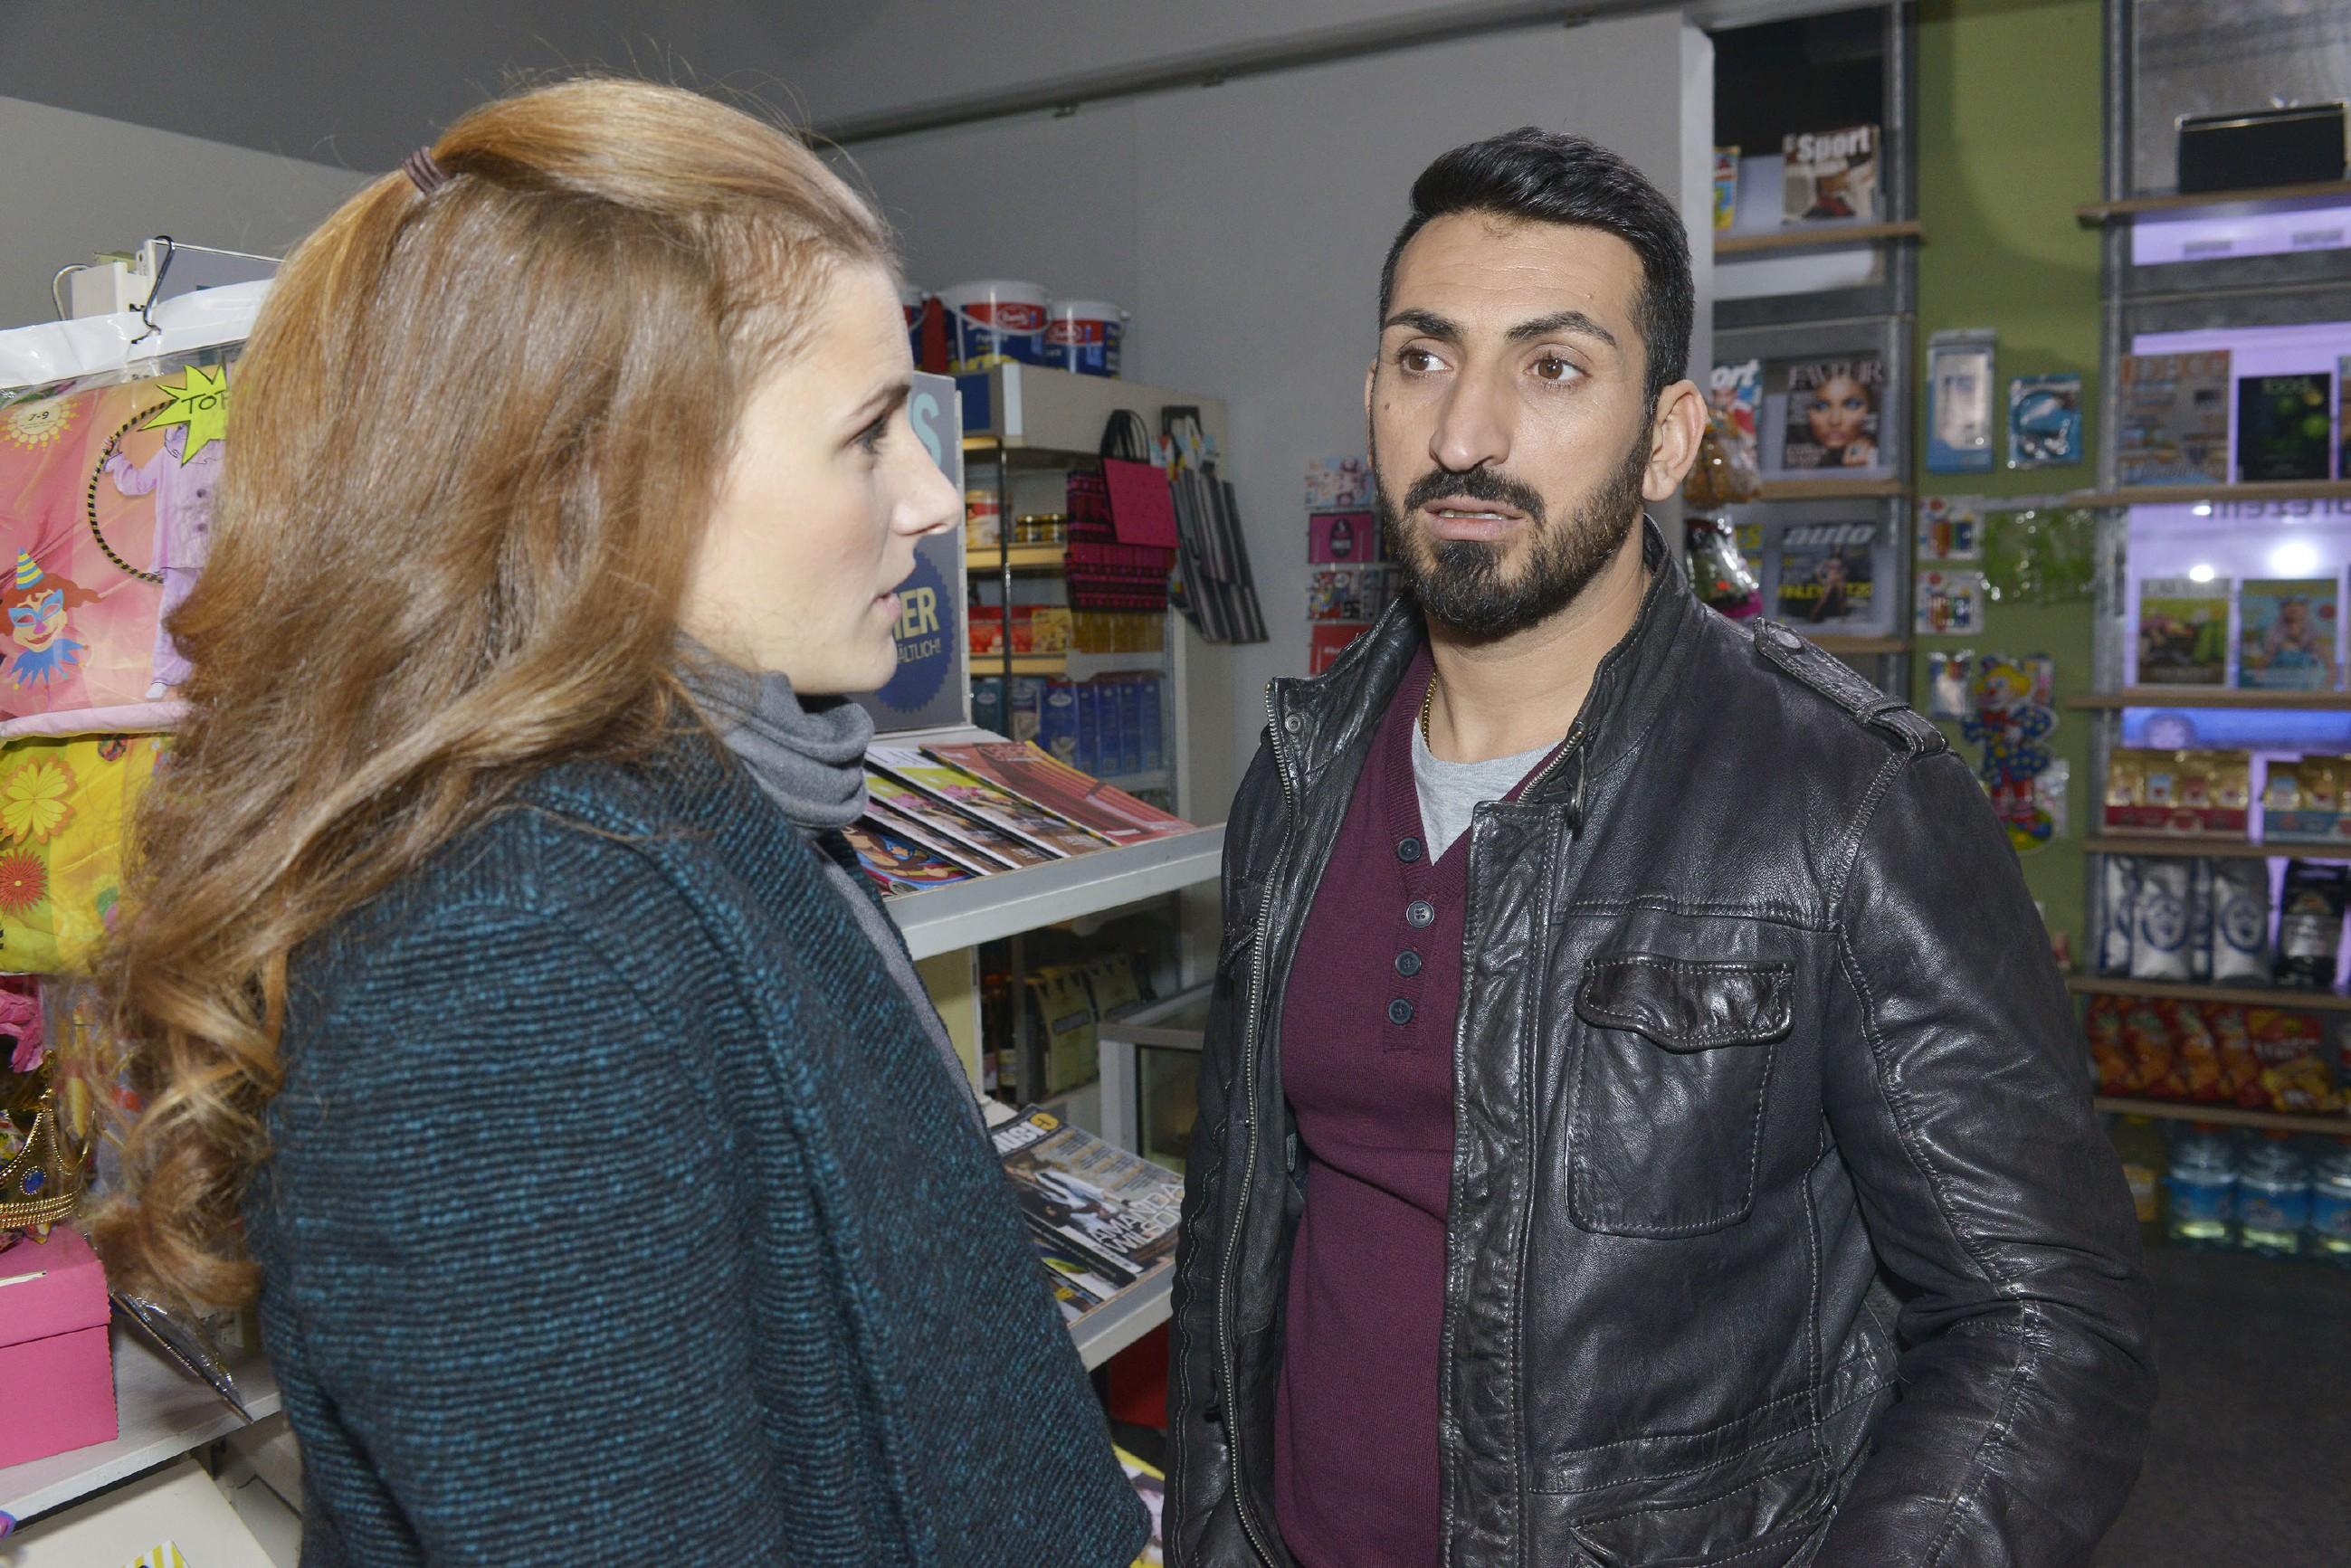 Mesut (Mustafa Alin) gerät in Bedrängnis, als Emma (Claudia Lorentz) unerwartet im Spätkauf auftaucht und ihn hinterm Tresen erwischt. Um nicht aufzufliegen, redet er sich um Kopf und Kragen... (RTL / Rolf Baumgartner)